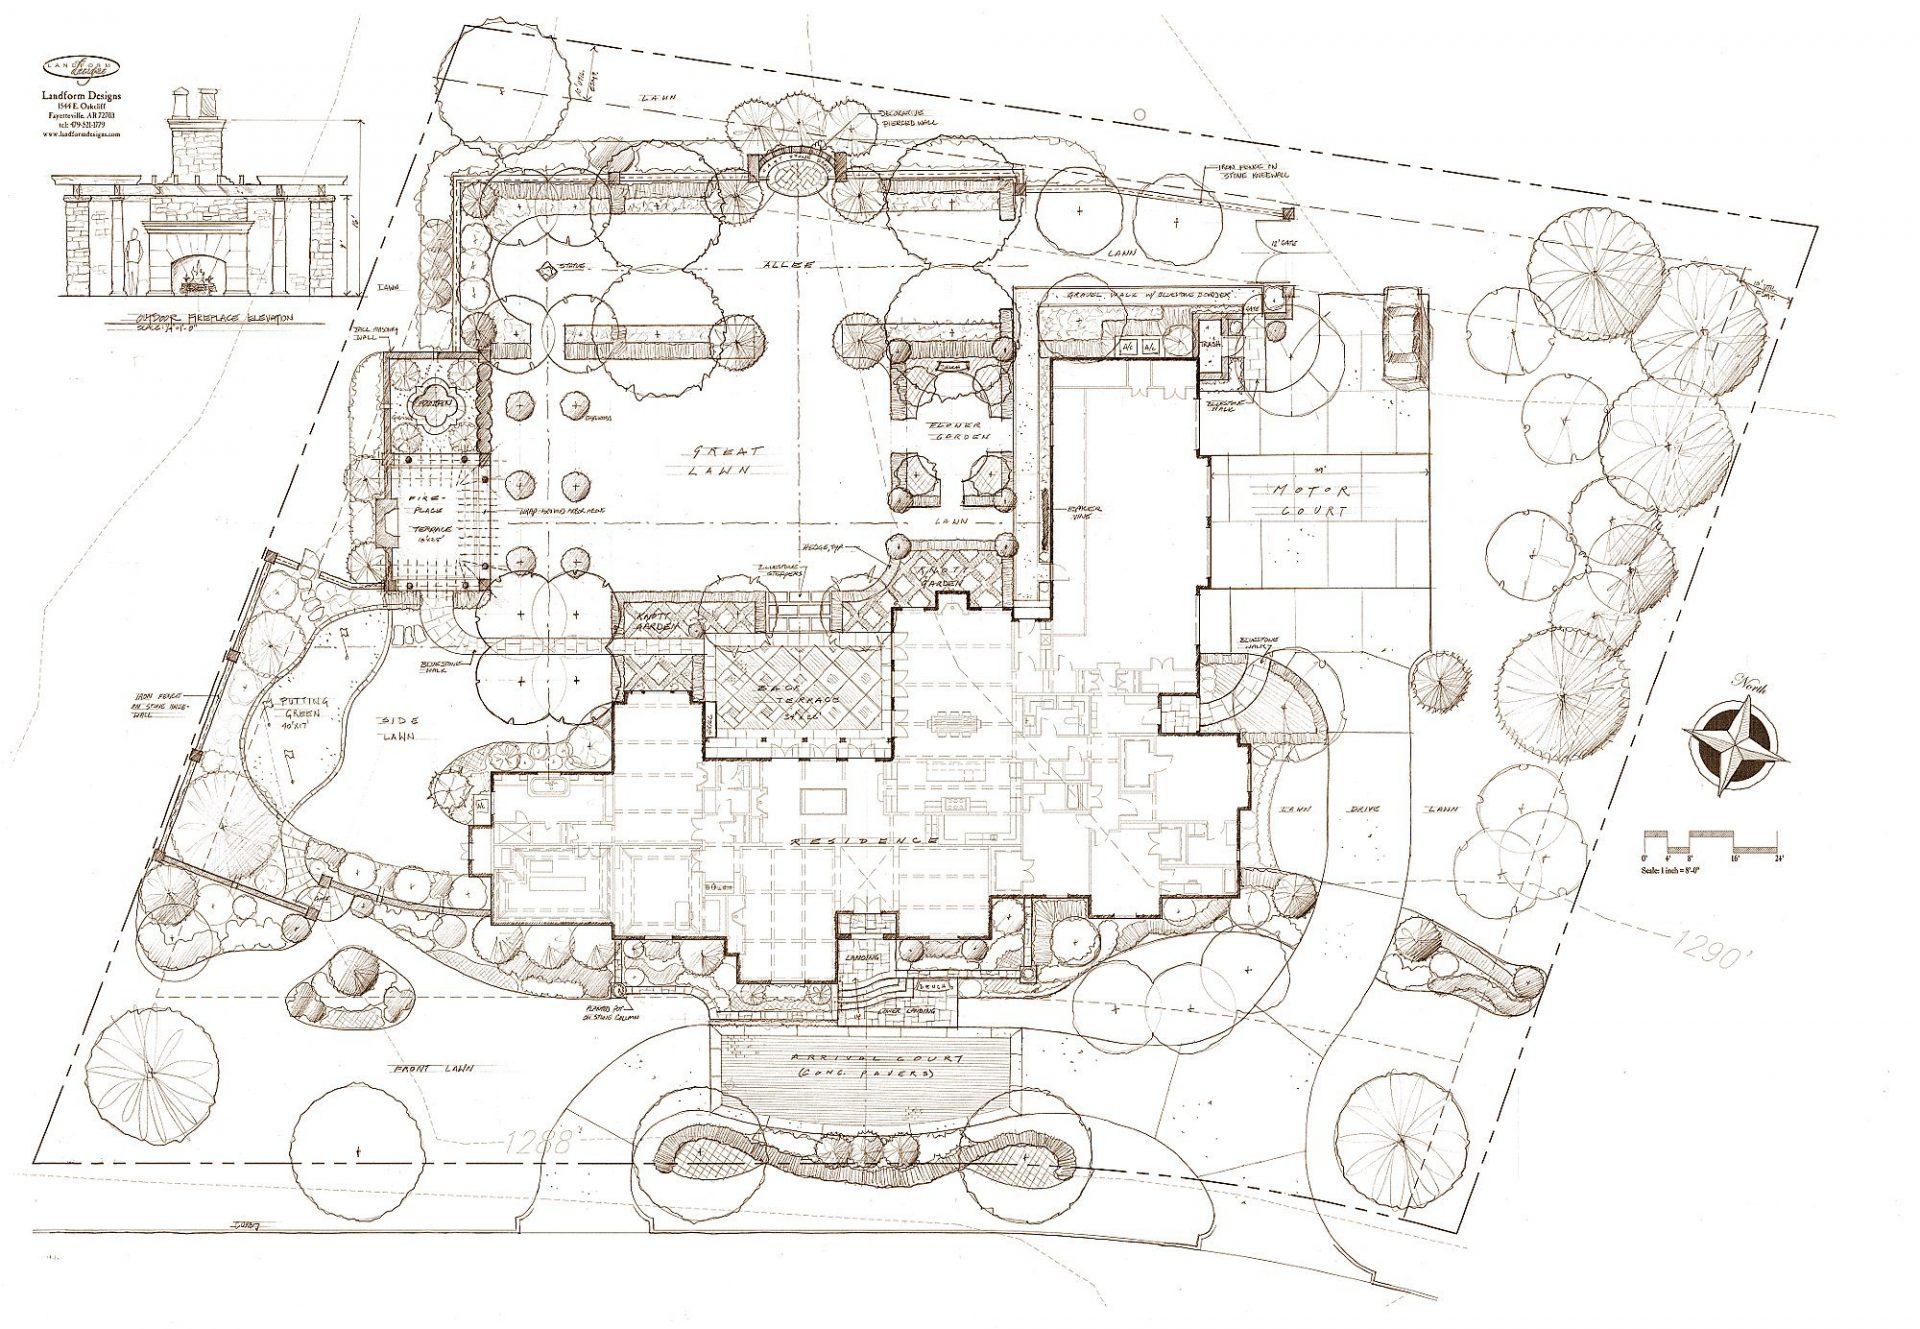 Masterplan pinnacle drive garden design arkansas missouri